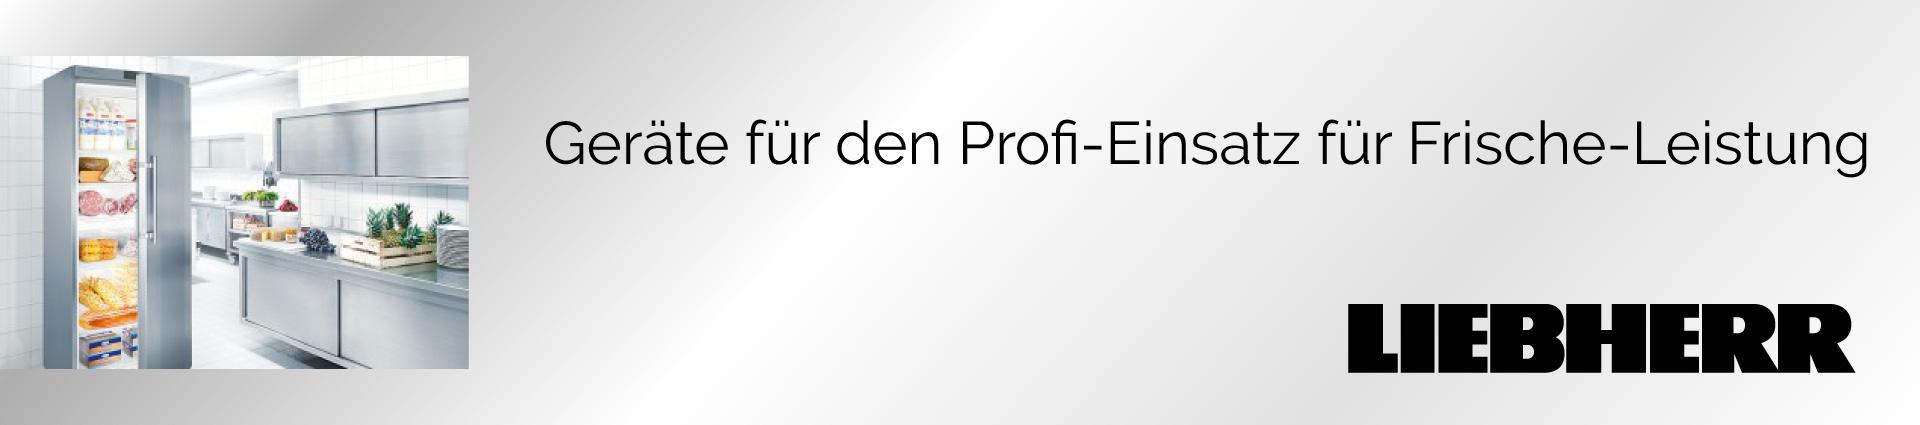 Liebherr Profi-Einsatz Banner